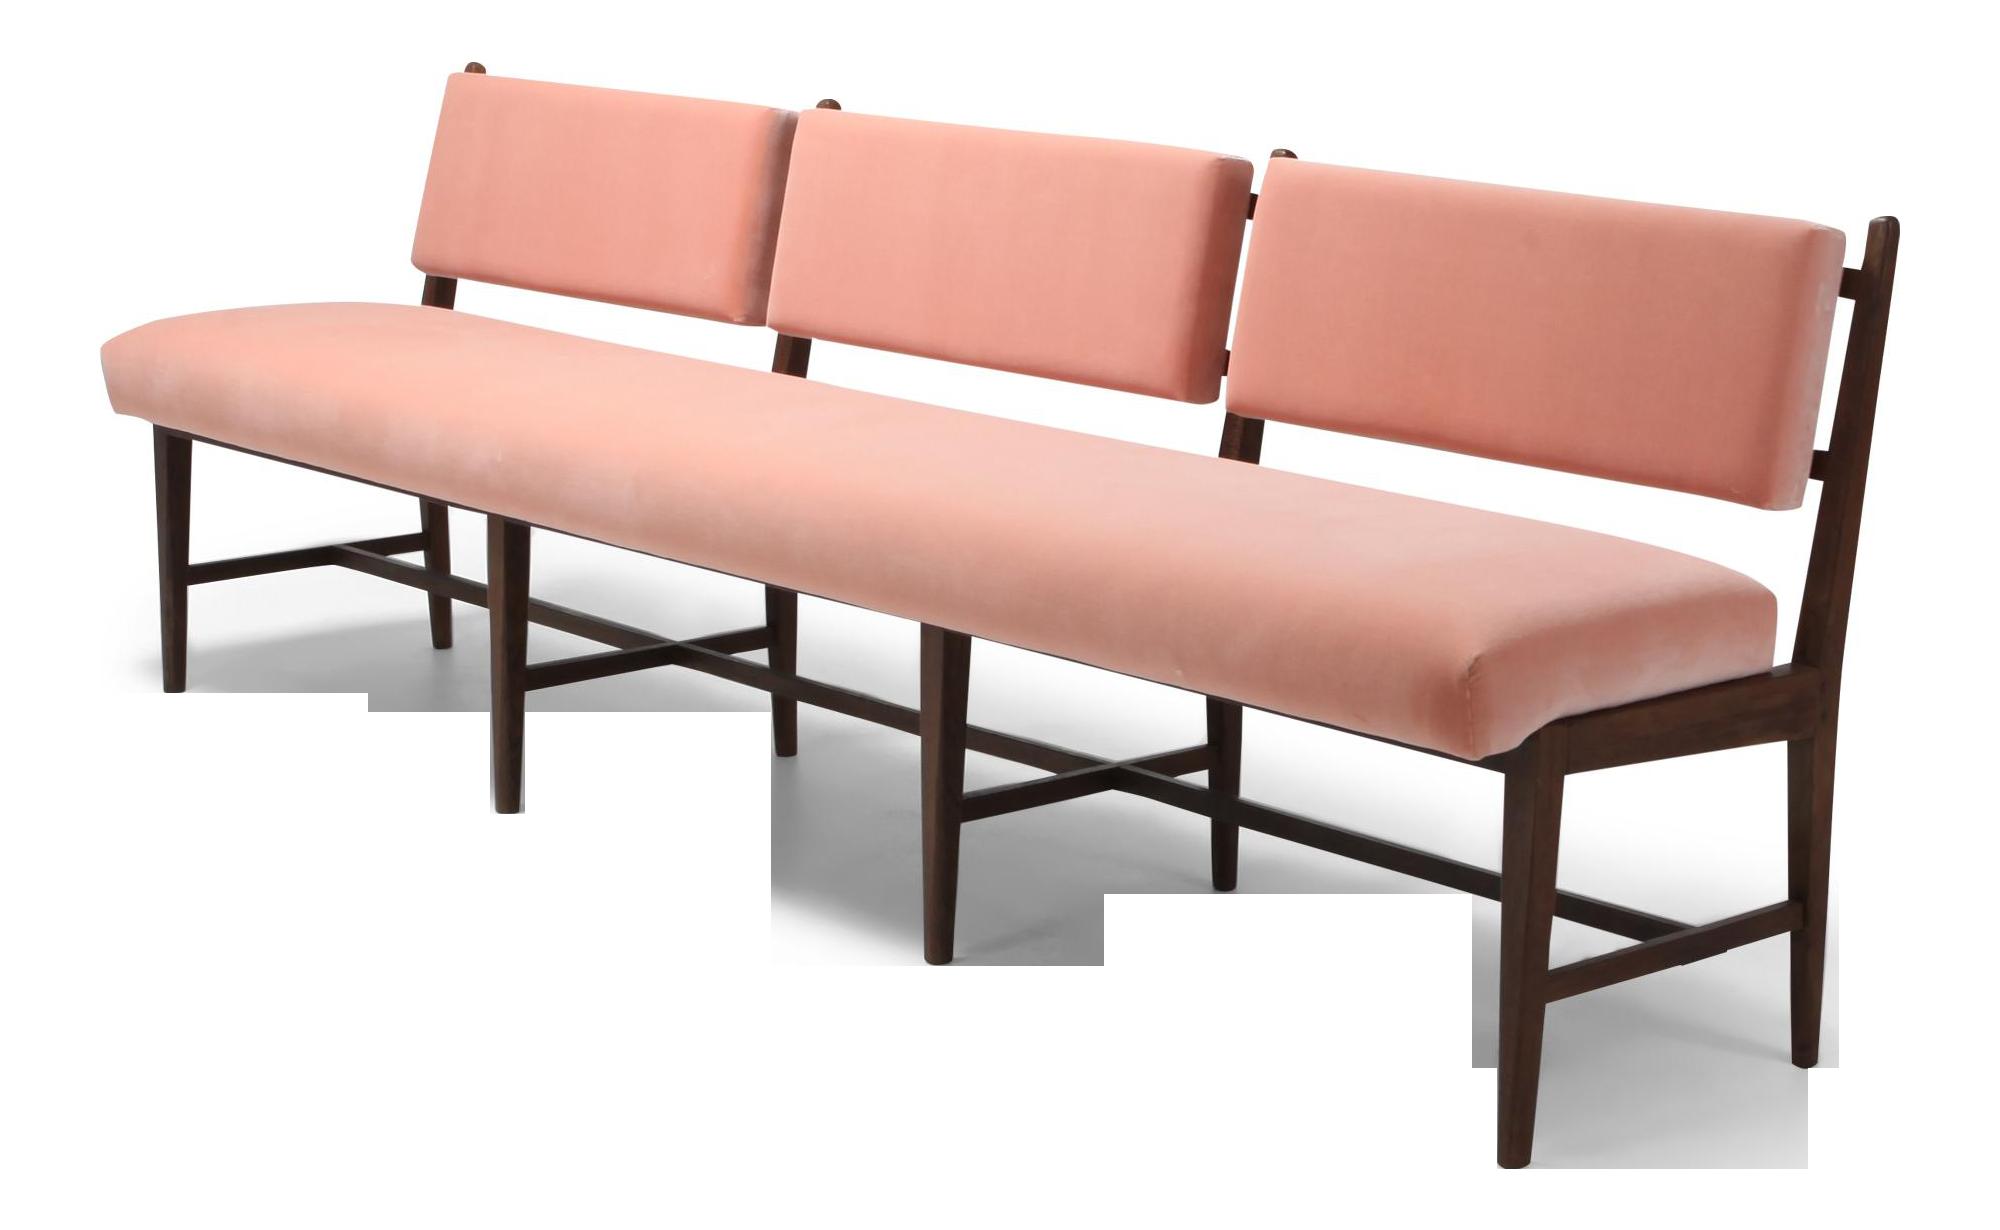 Midcentury Scandinavian Modern Bench In Pink Velvet And Wenge